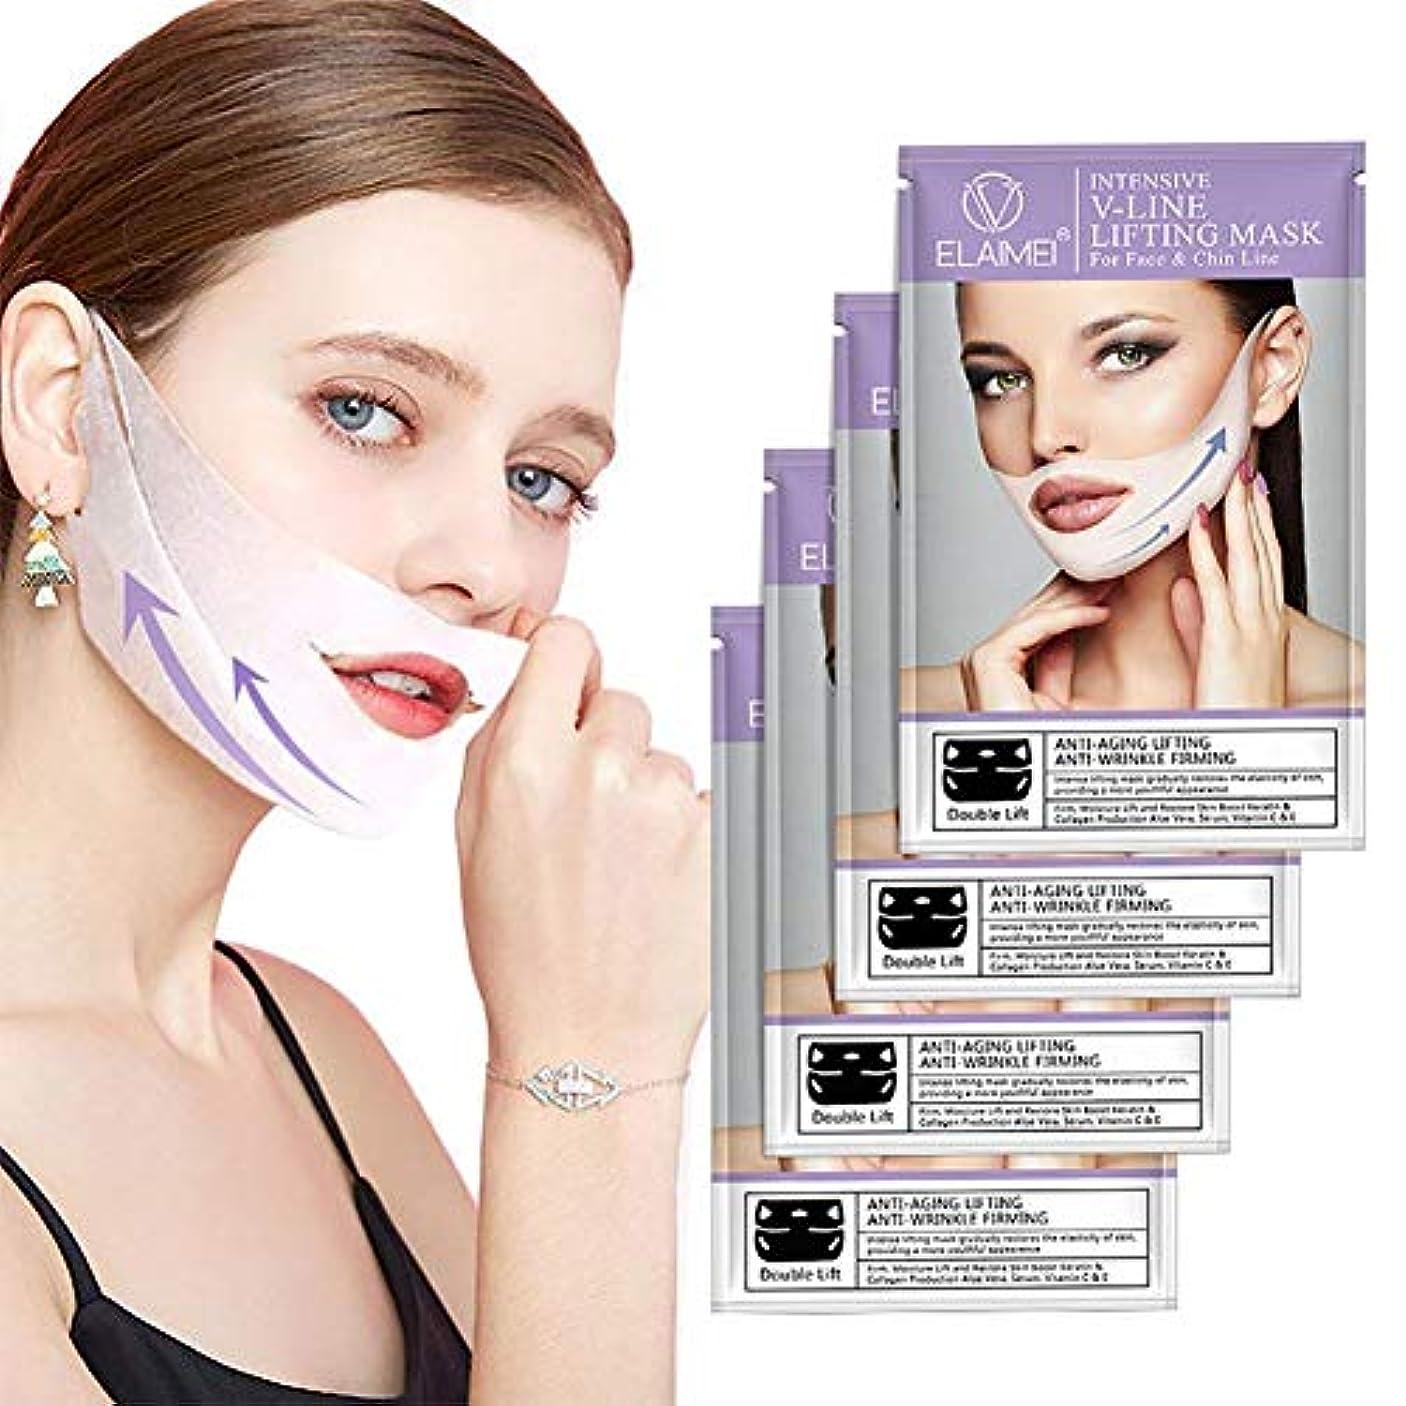 ユーモラス社交的ぼかすユニセックスVラインマスク、フェイス&チンライン用4 PCSリフティングバンドパッチ、ダブルチンVフェイスチンアップファーミングマスク